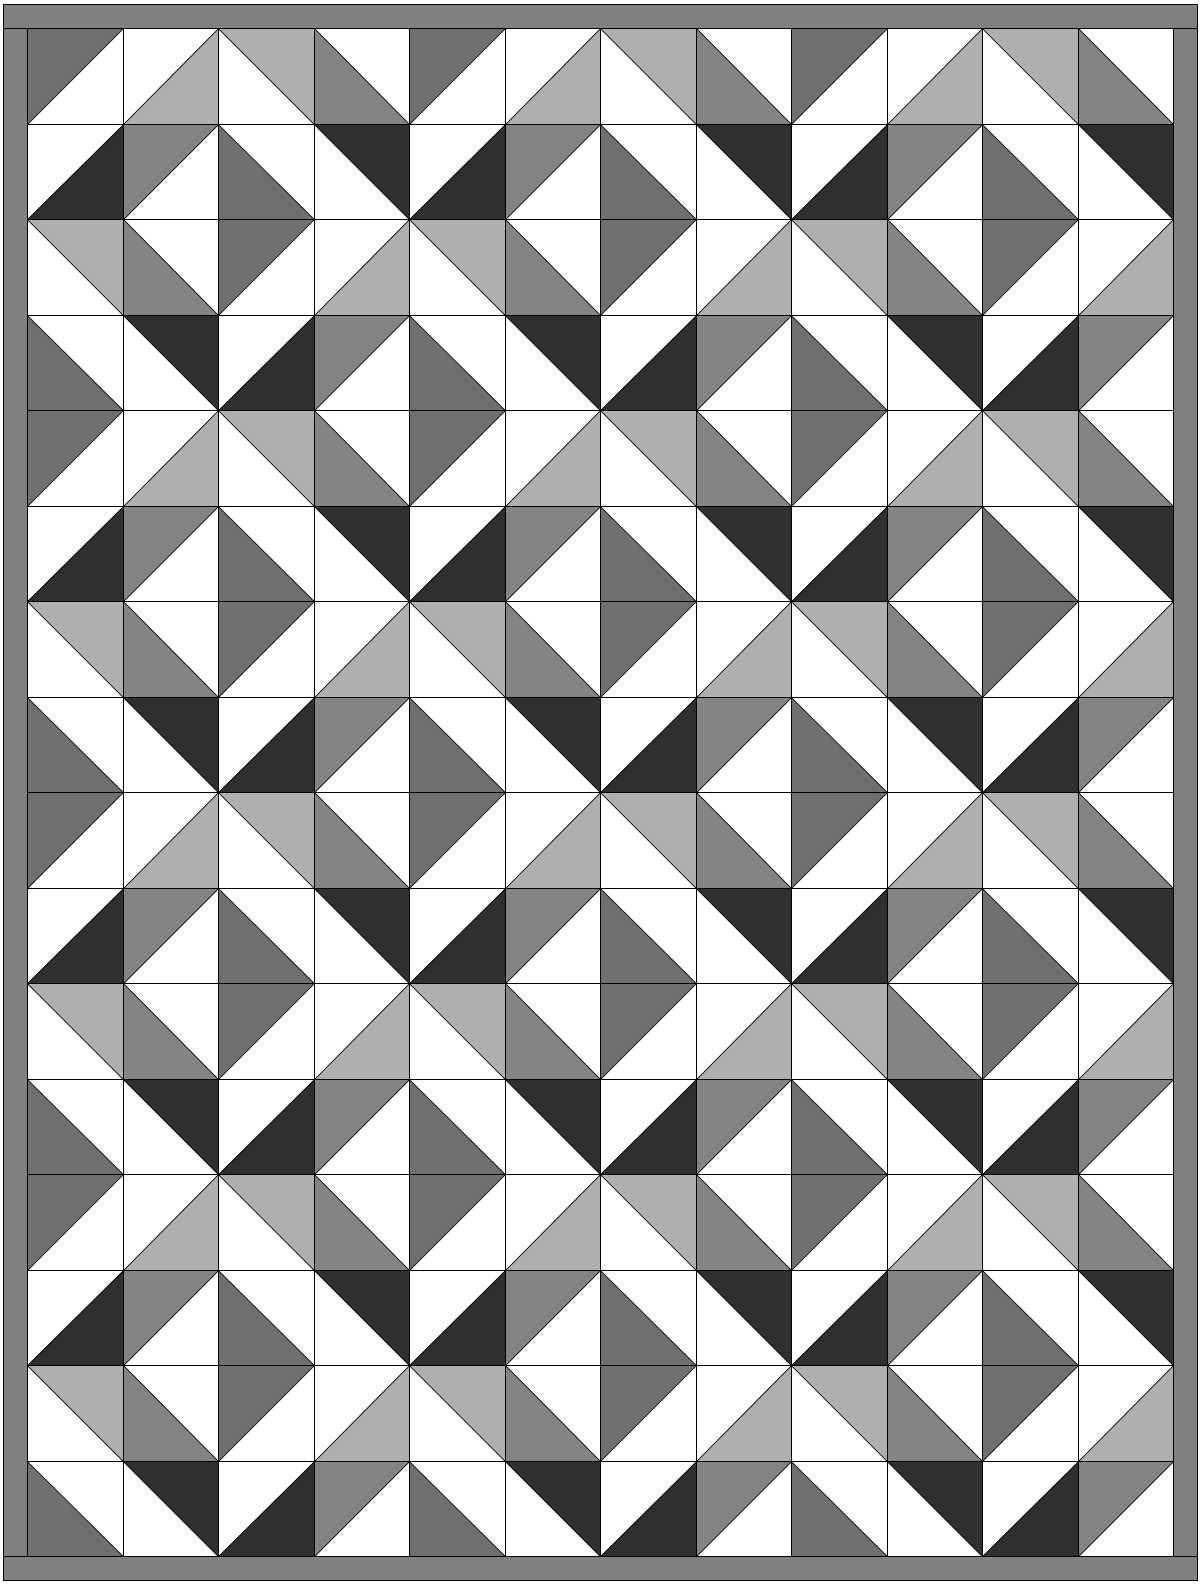 6a00d8341c1b7353ef01a5119be901970c-pi 1,200×1,584 pixels   Quilting ...